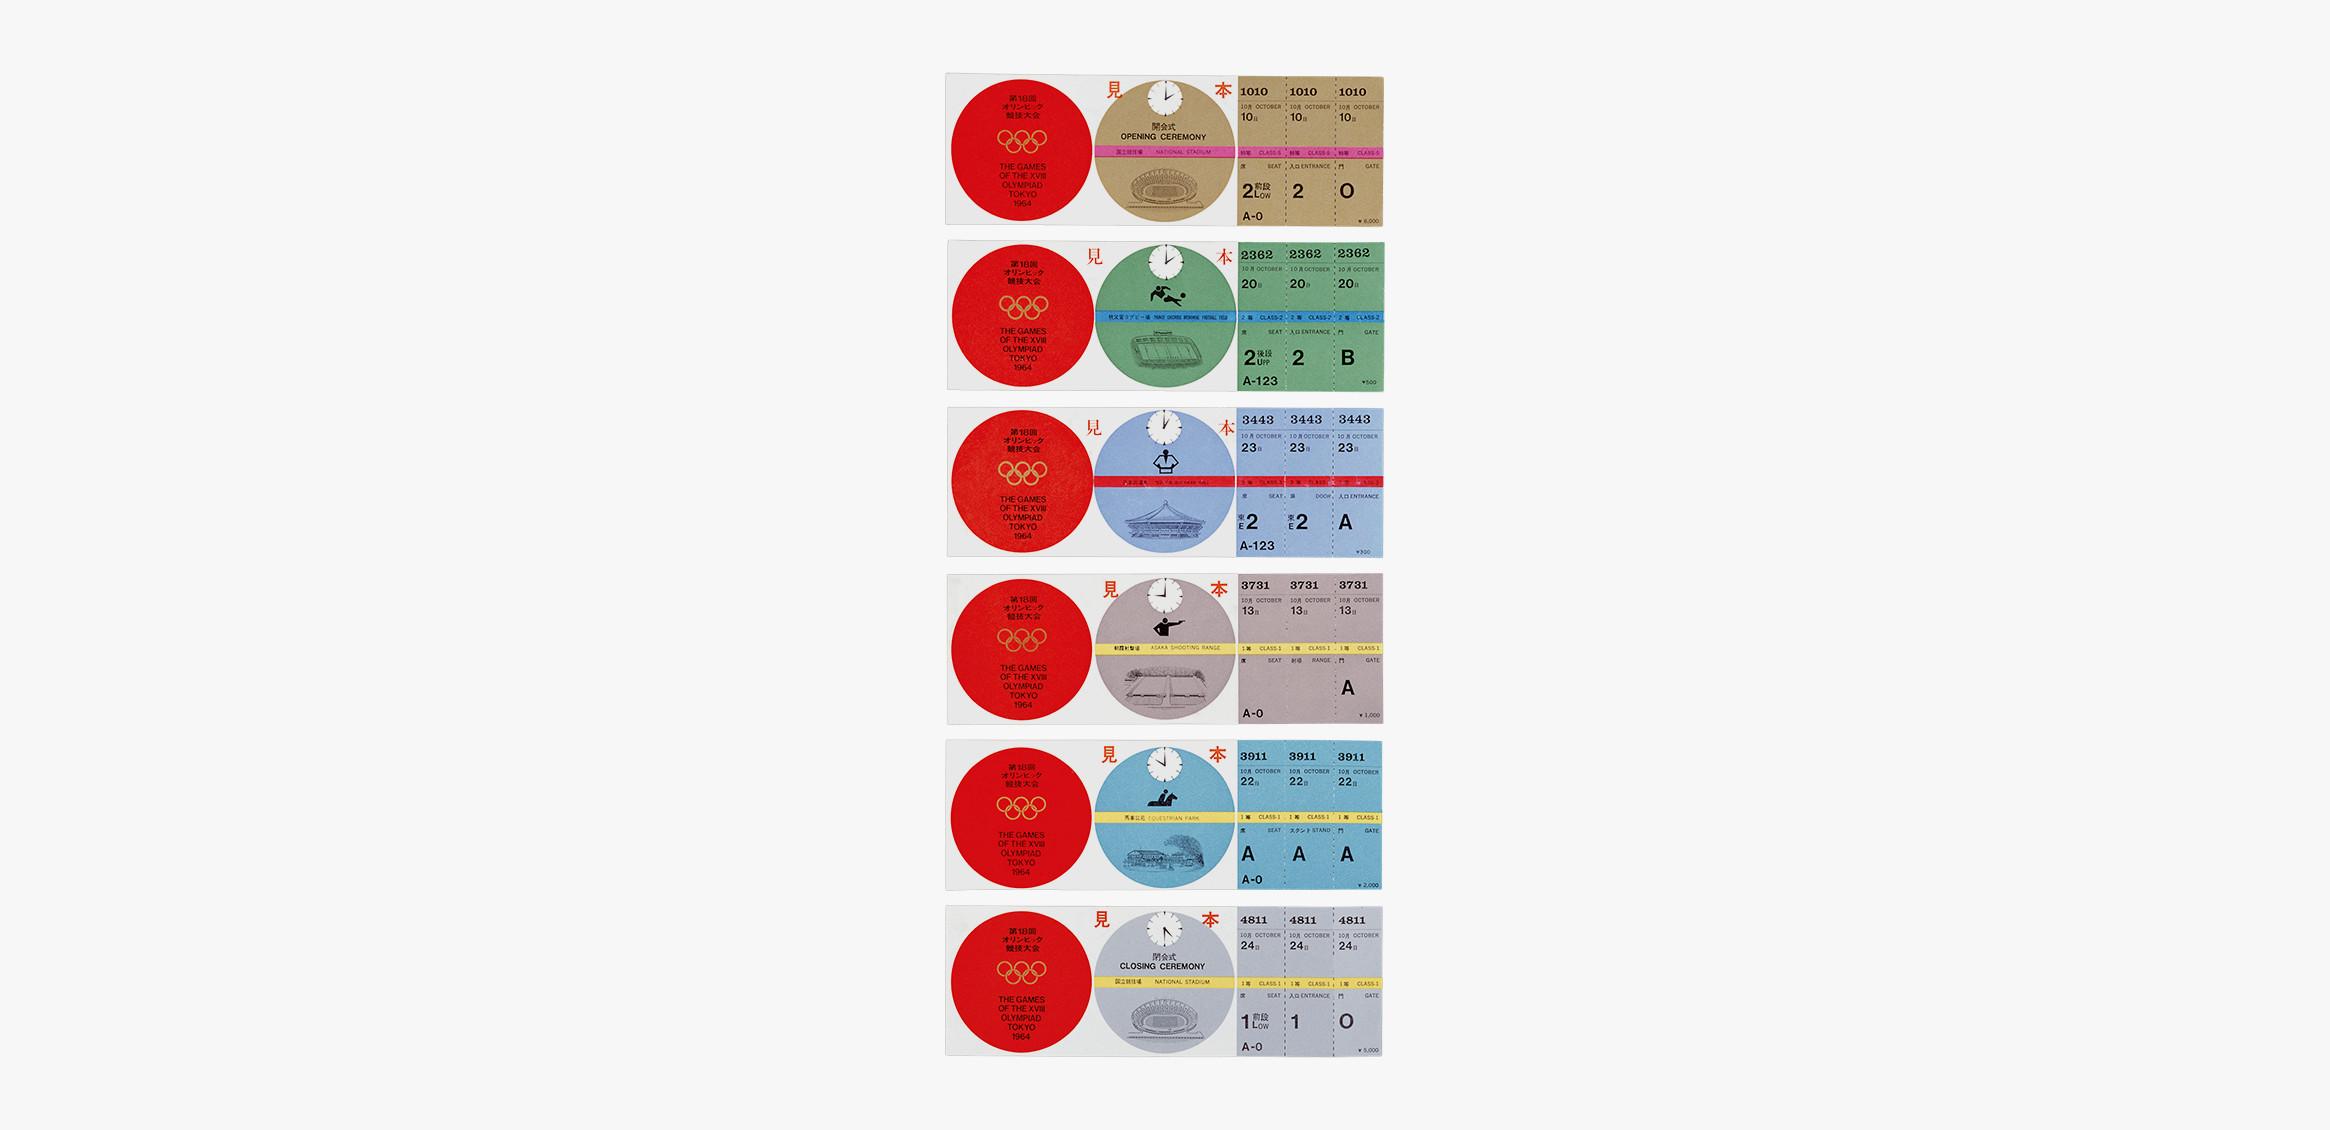 '64 東京オリンピック 競技シンボル、入場券1枚目